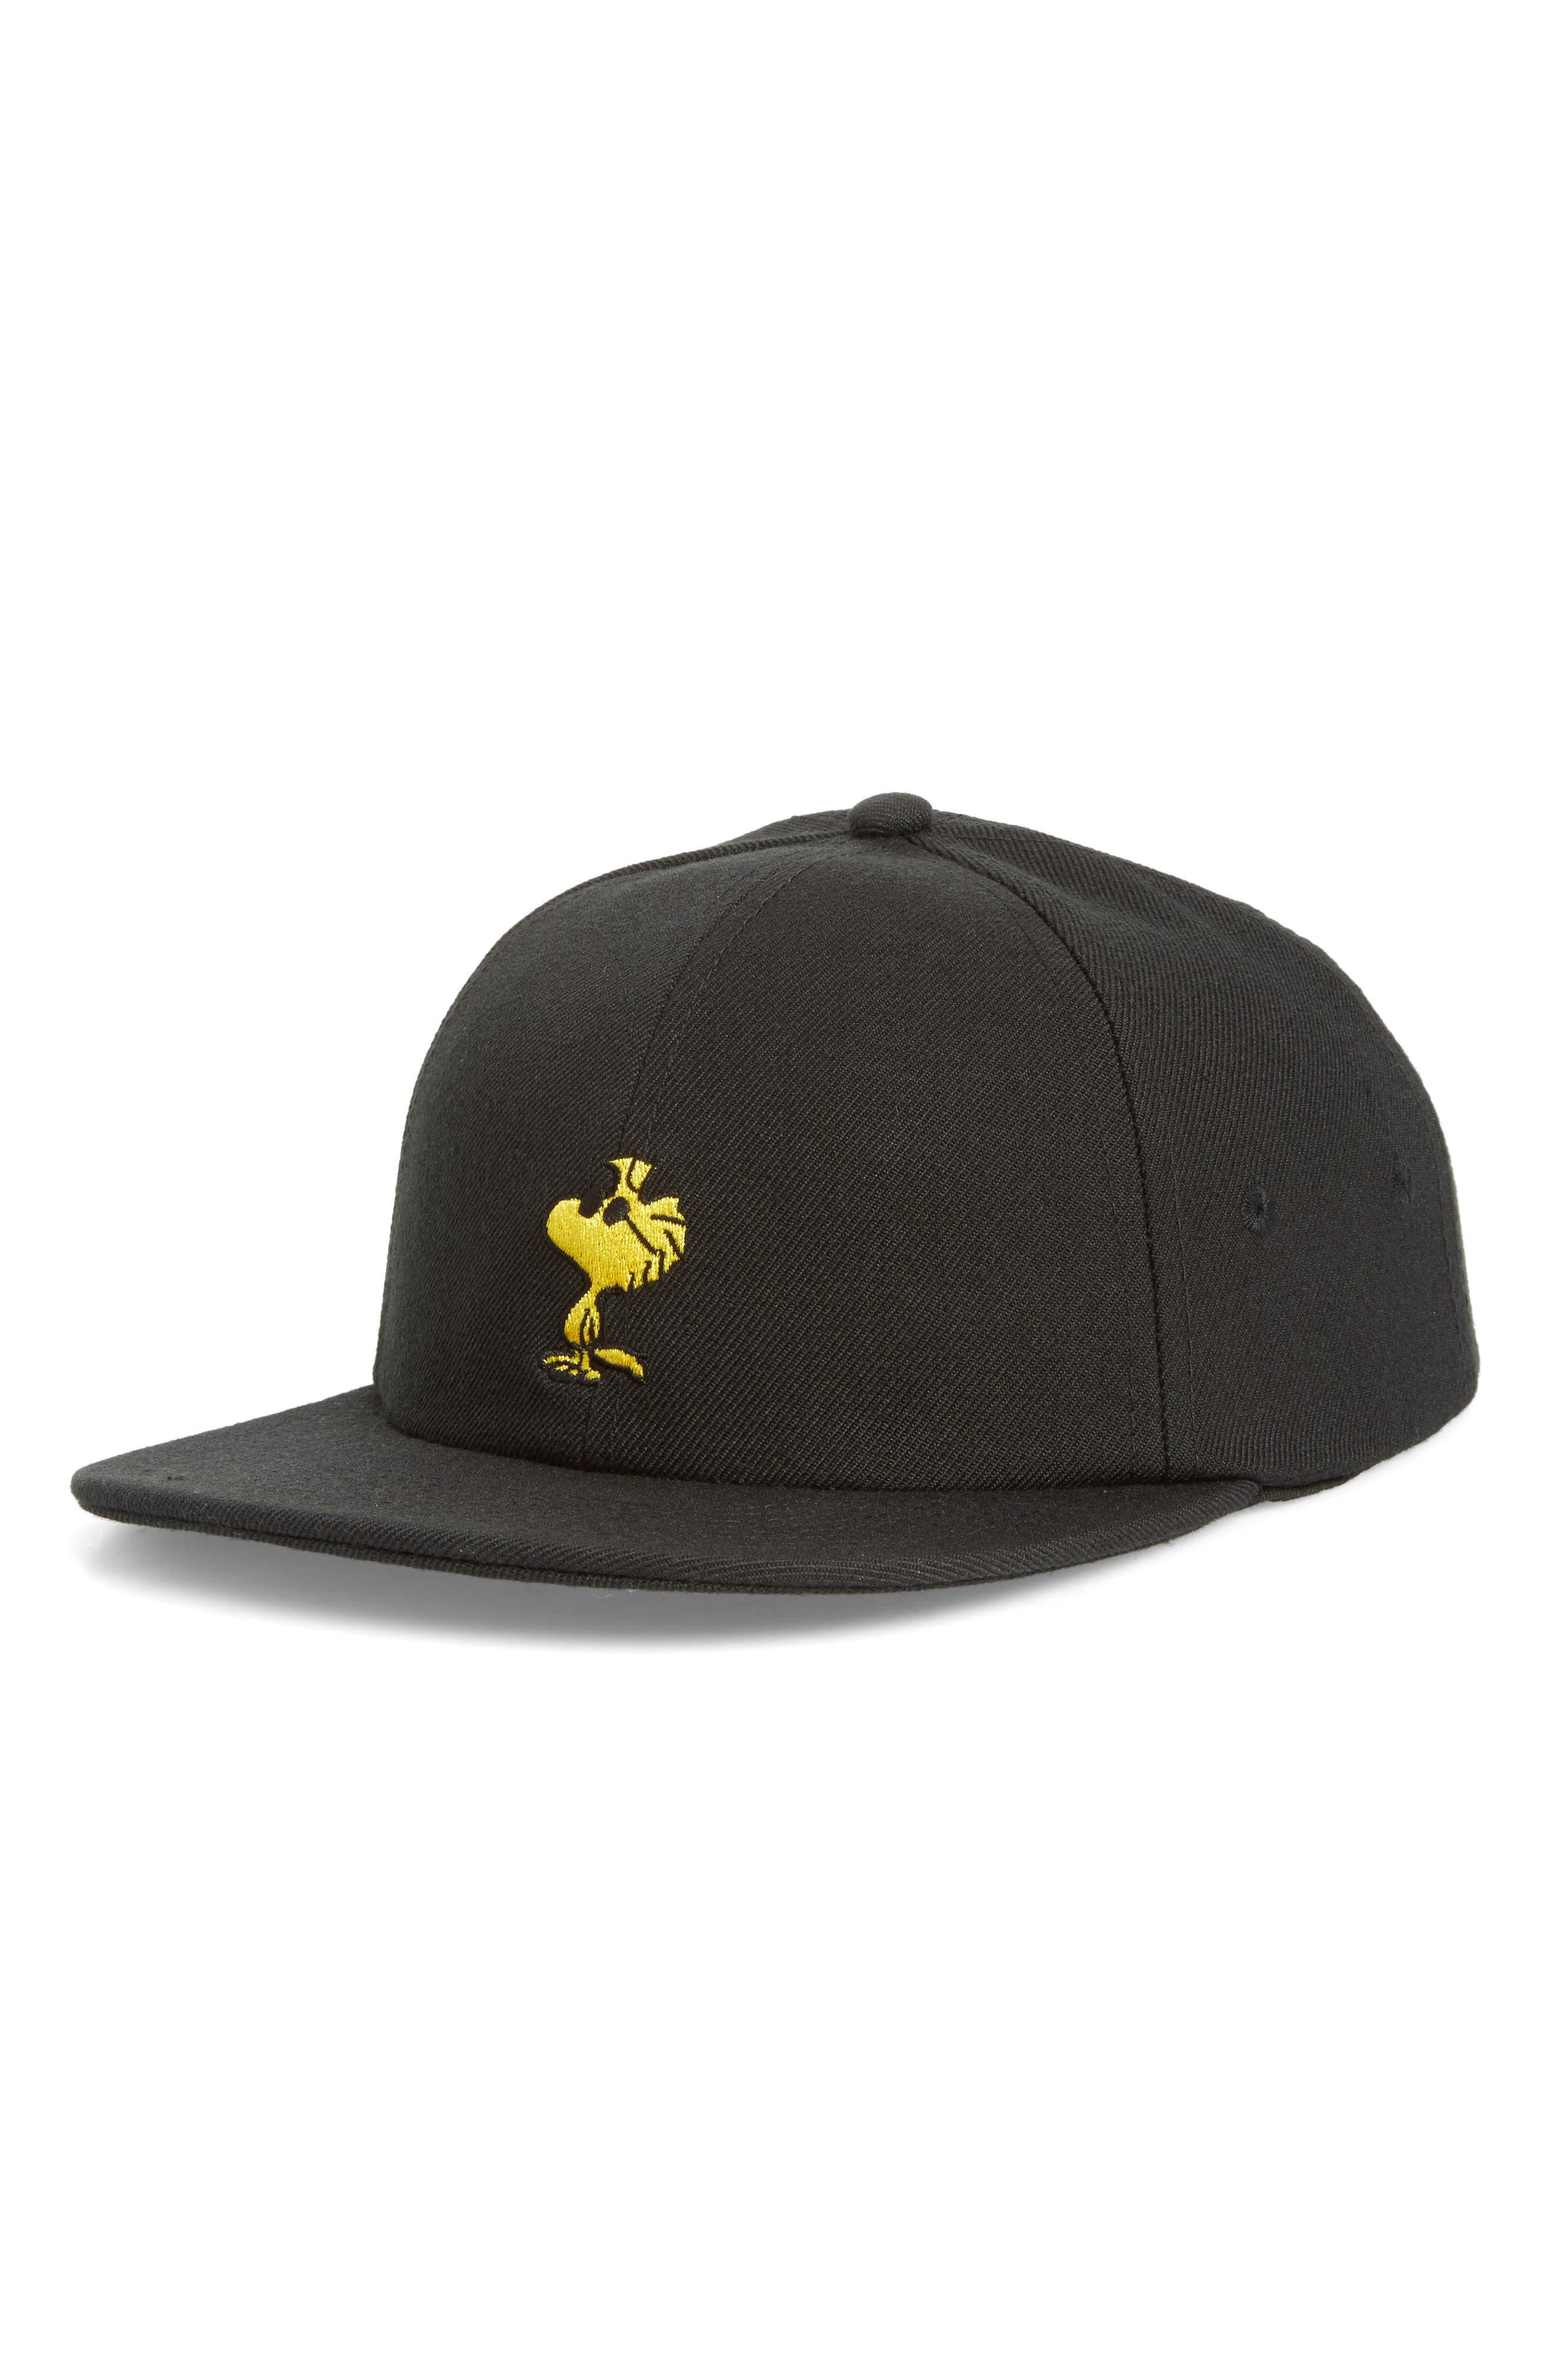 x Peanuts<sup>®</sup> Ball Cap,                         Main,                         color, 001